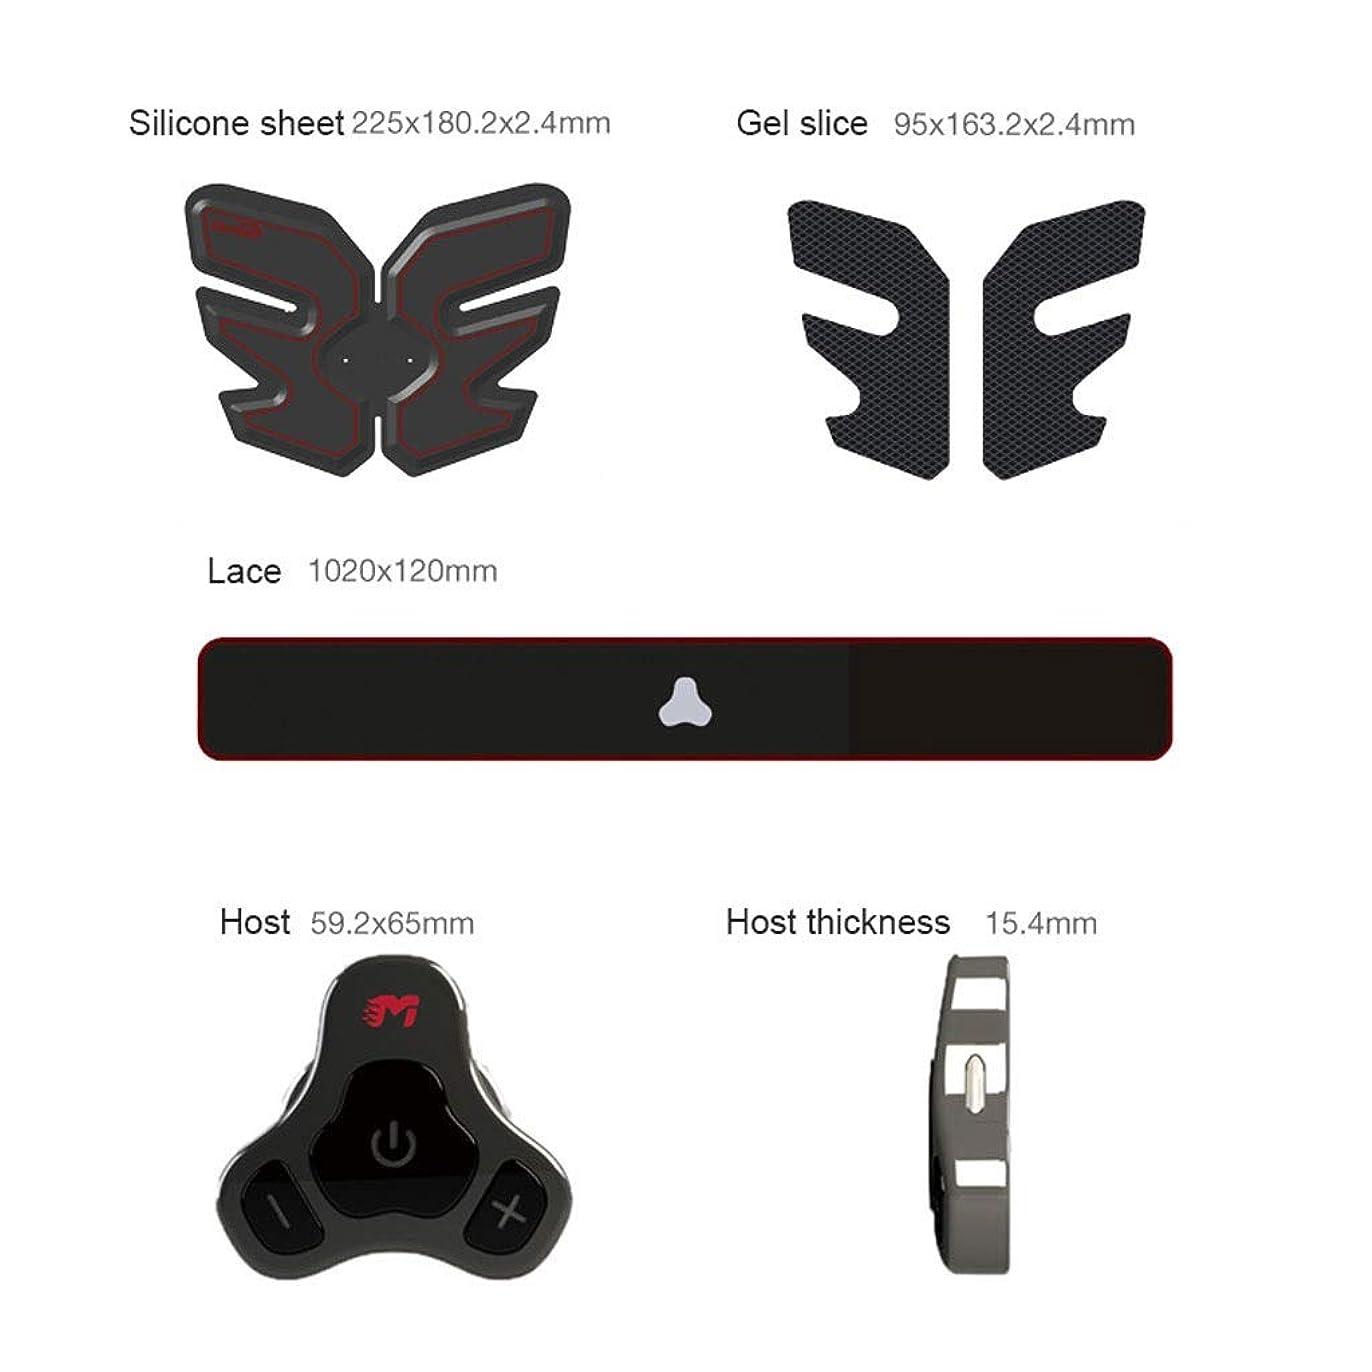 ハドル獣誕生日Abベルト、筋肉刺激装置、EMS Abs Trainer腹部ベルトUSB充電式筋肉用トナーAbs Arms脚用Absサポートベルト&男性用?女性用 (Size : Host+Belly paste)